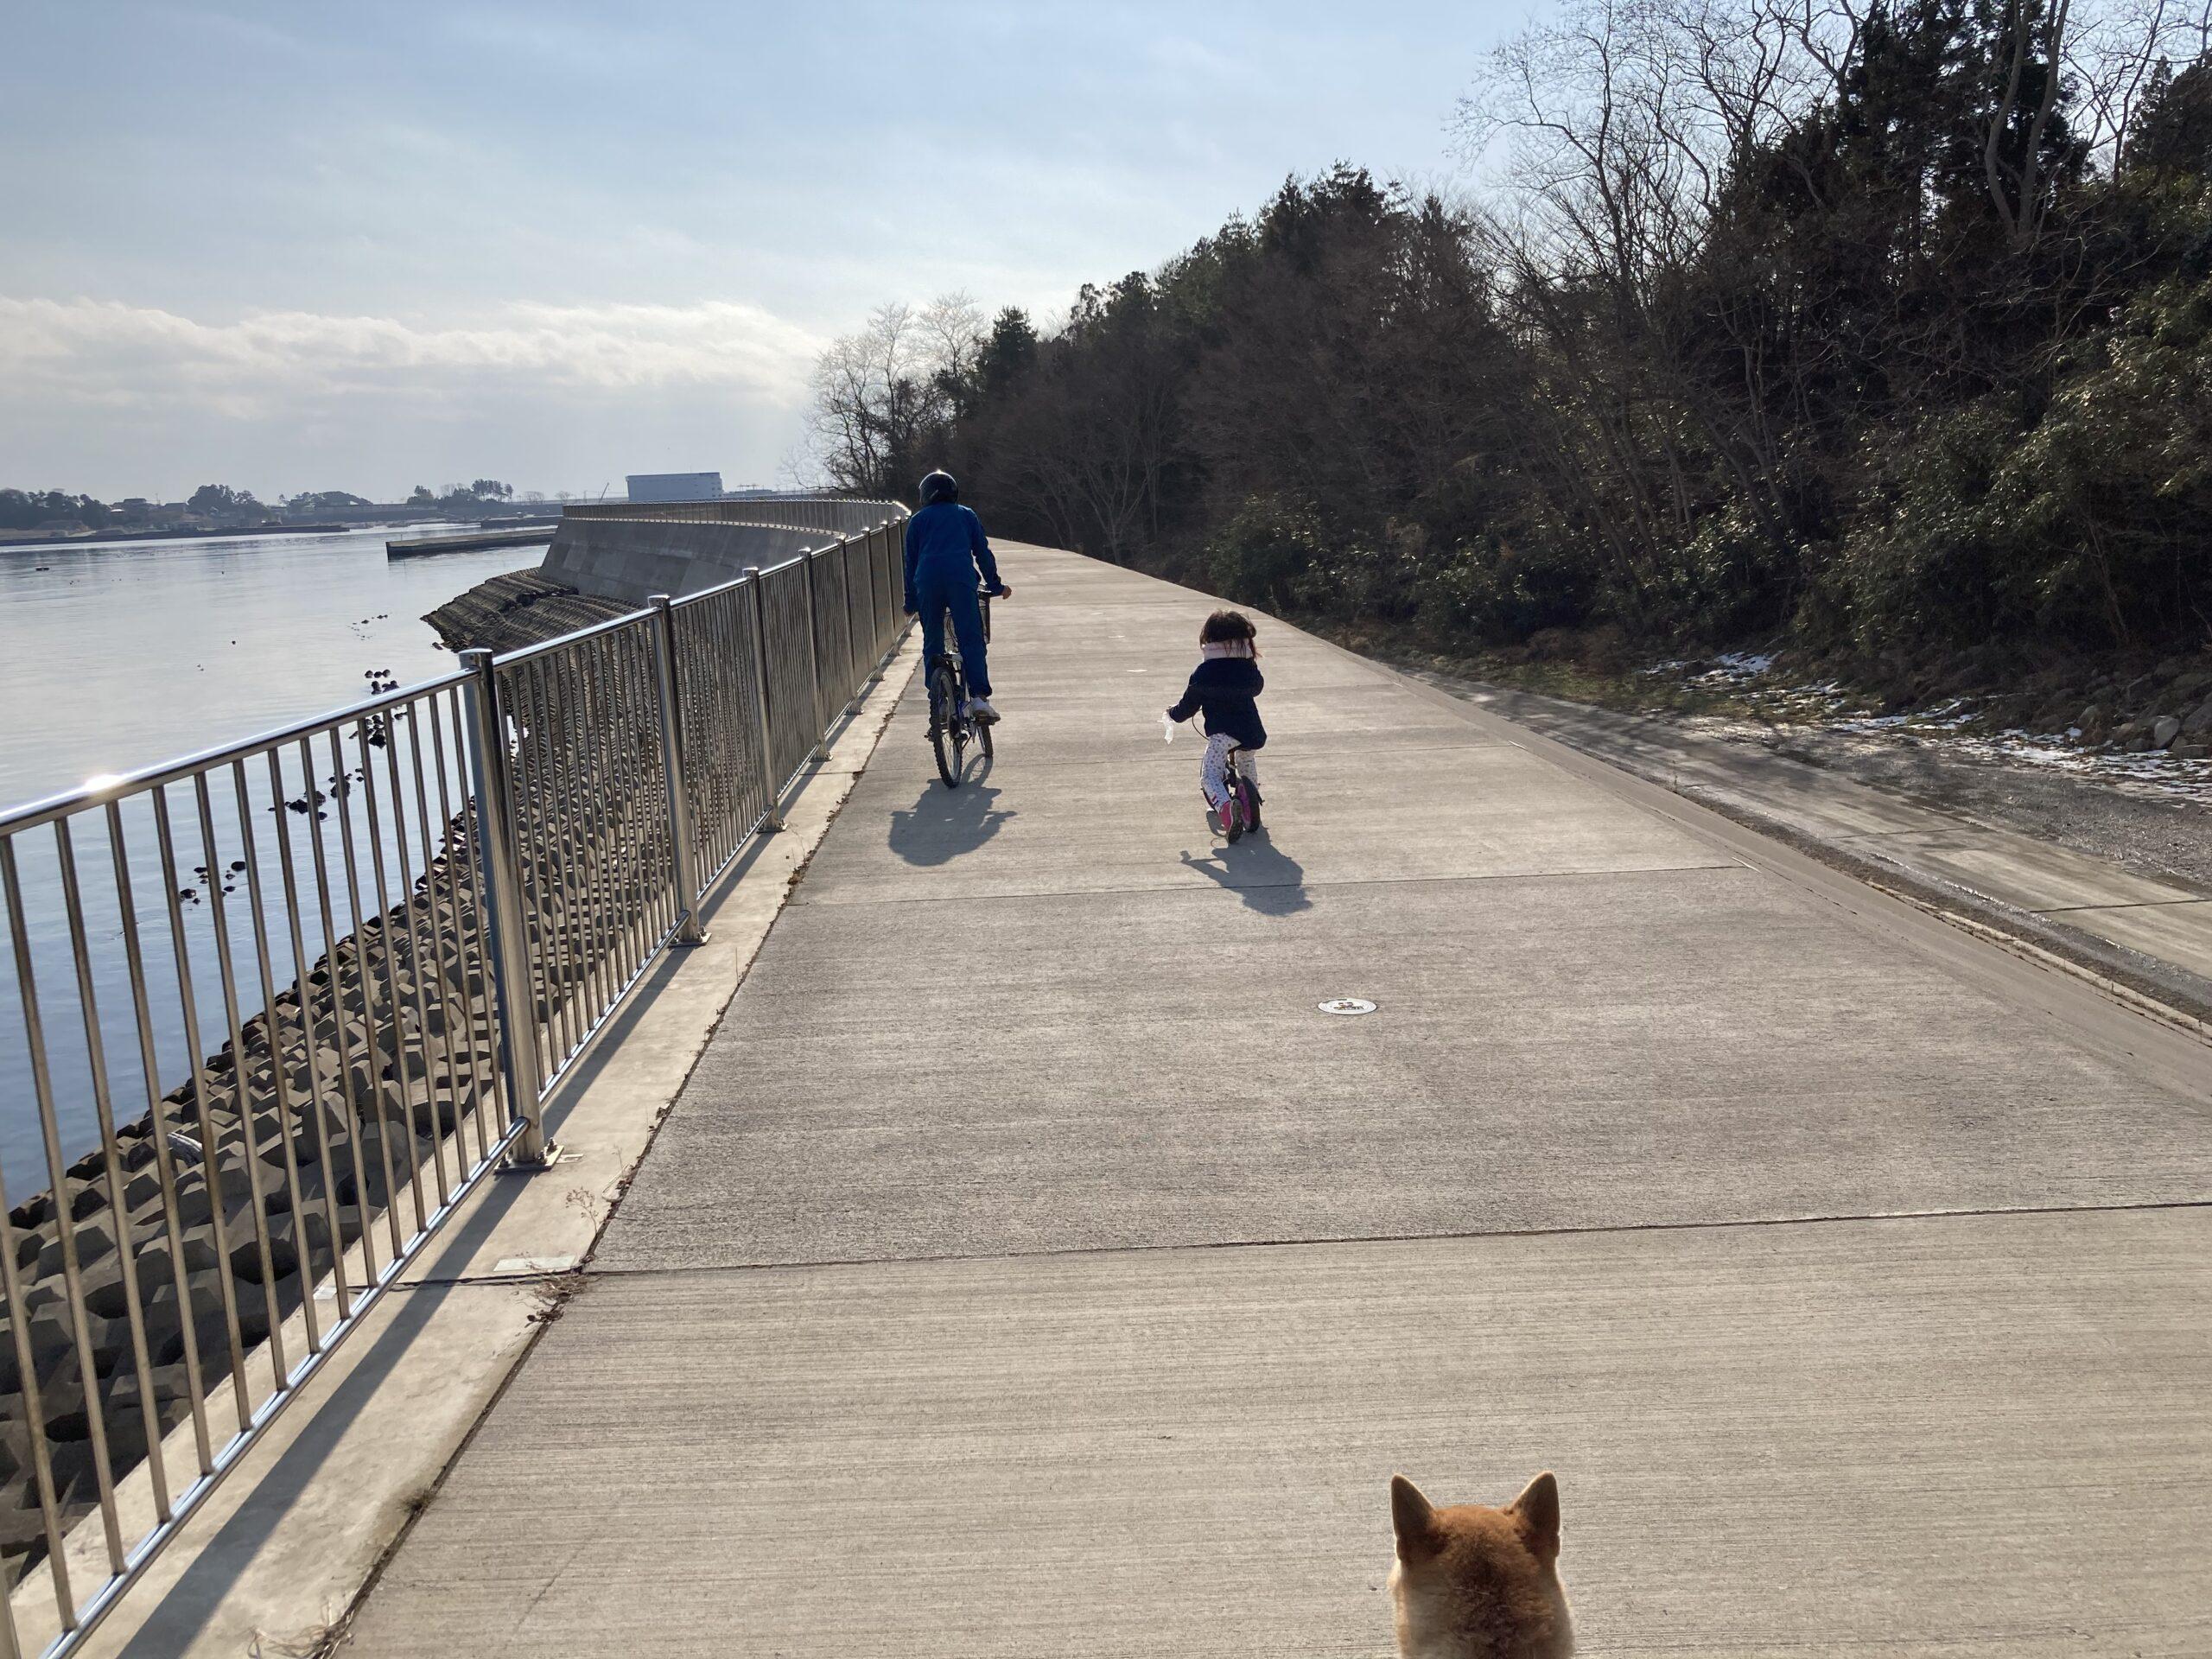 防潮堤散歩コース